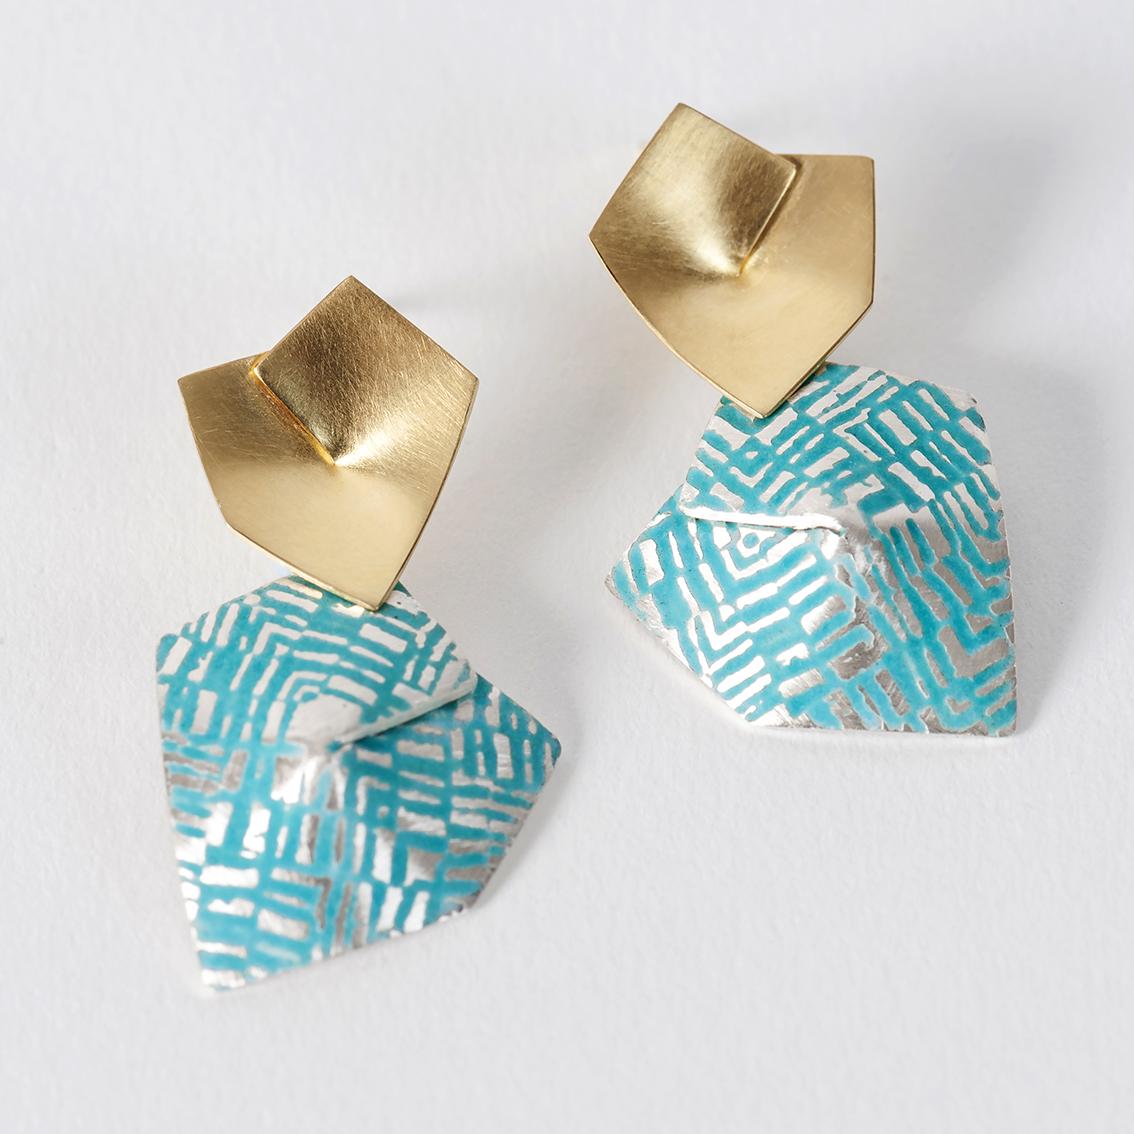 'Weave' Earrings